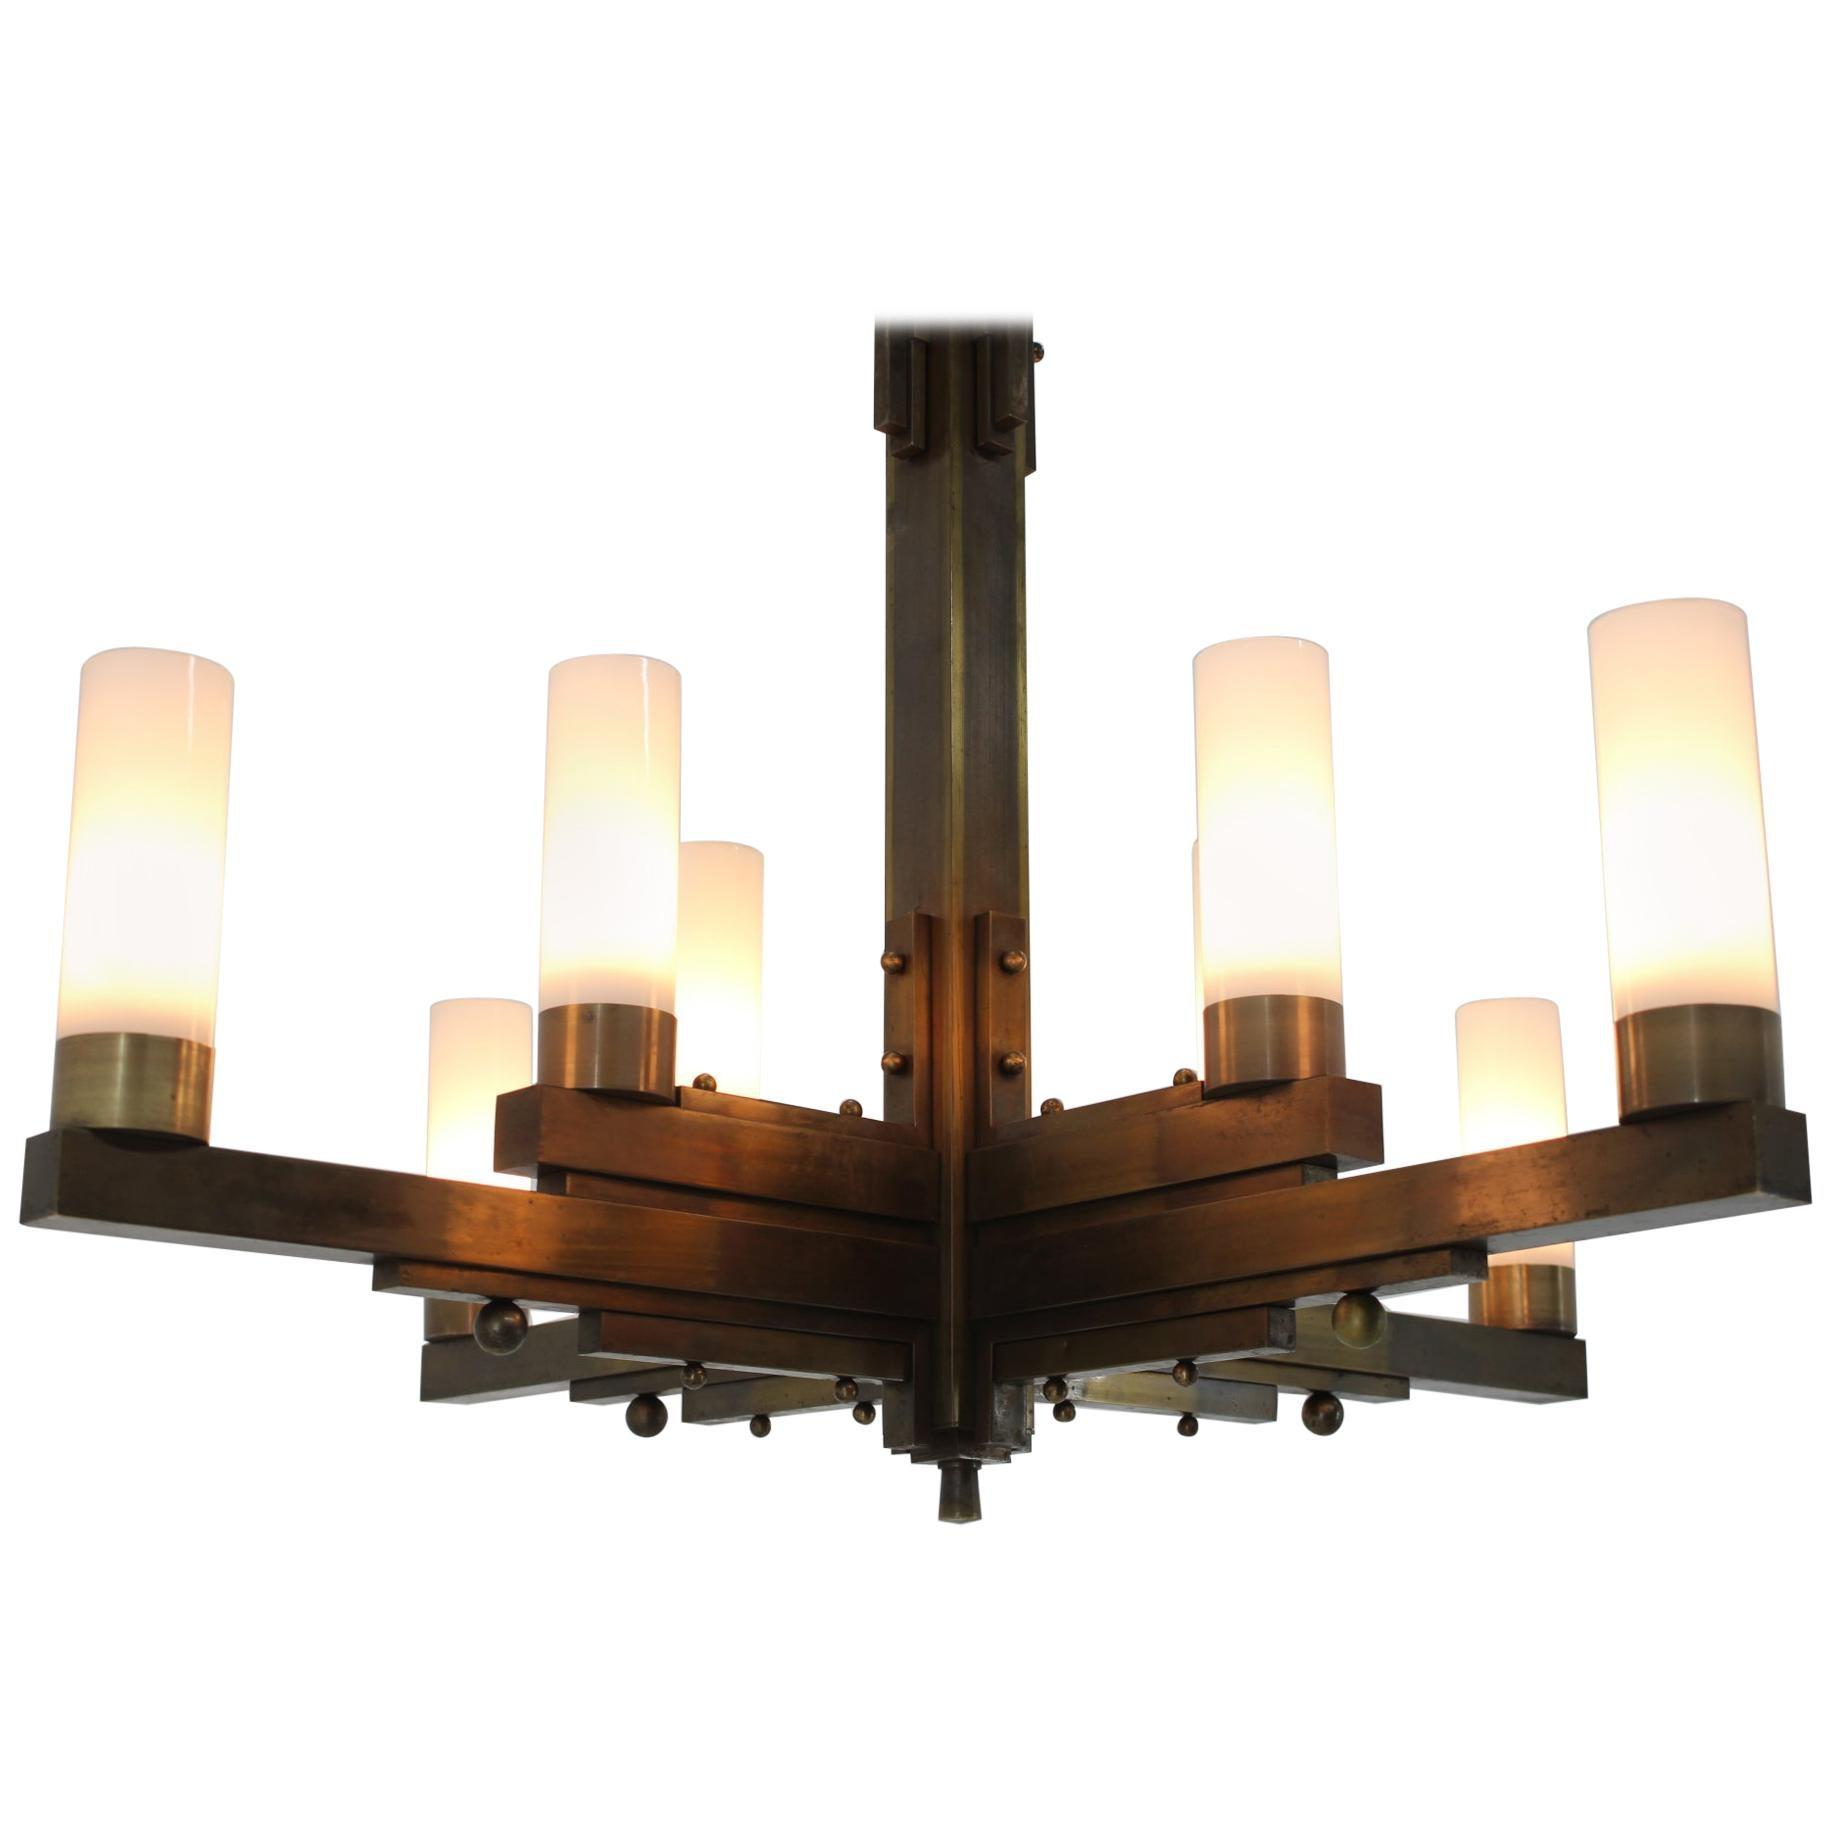 Big Unique Brass Bauhaus Art Deco Ceiling Lamp, Chandelier, 1930s